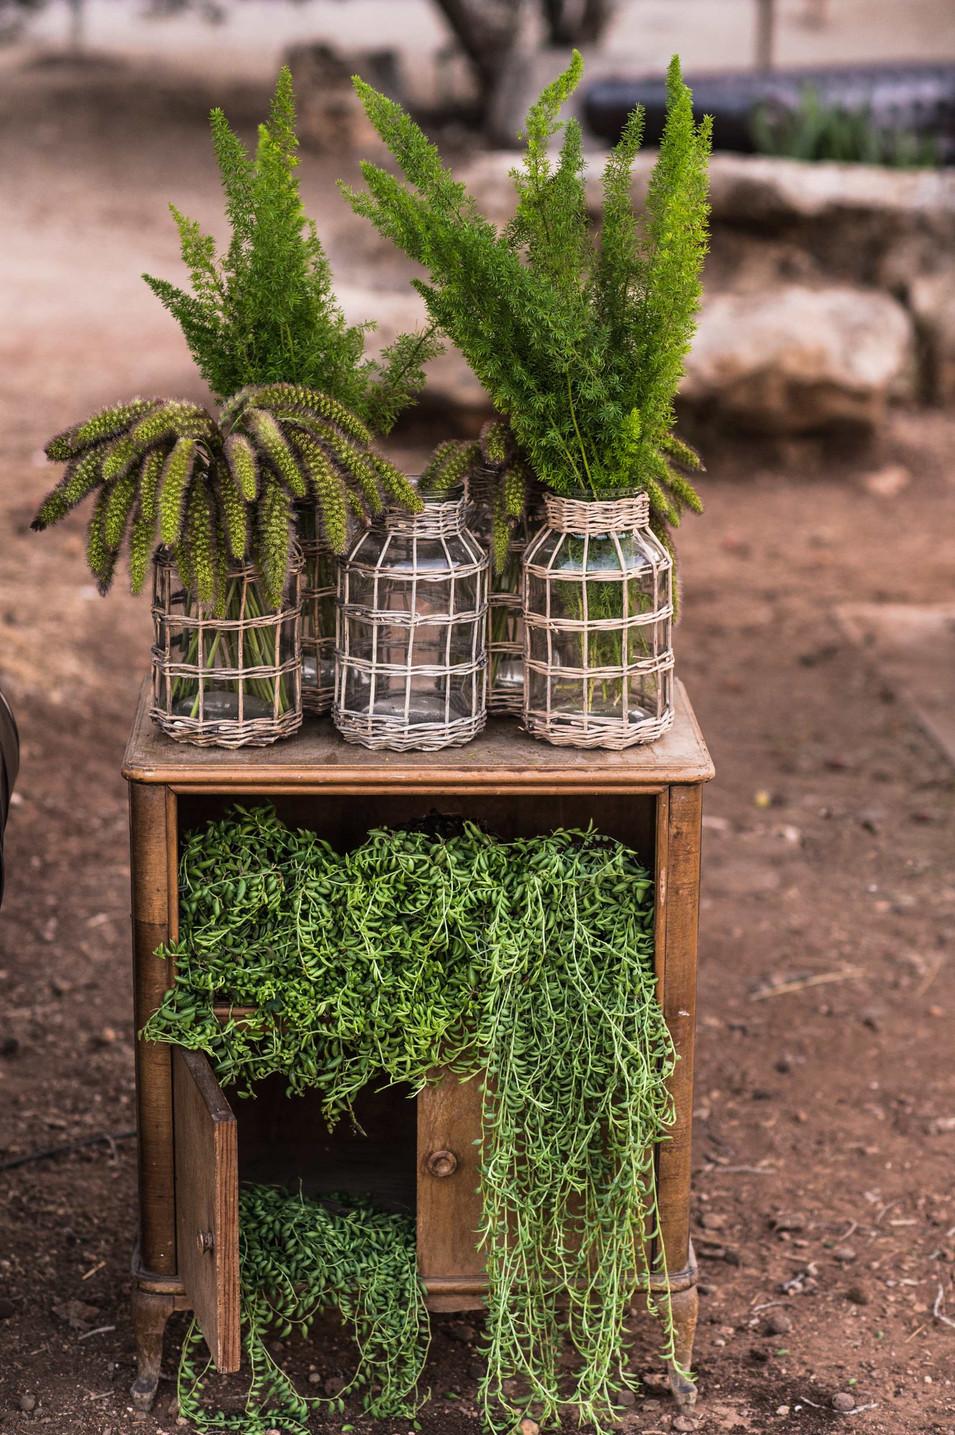 House of Green   Yahav Green   Haim Afriat   Neot Kedumim